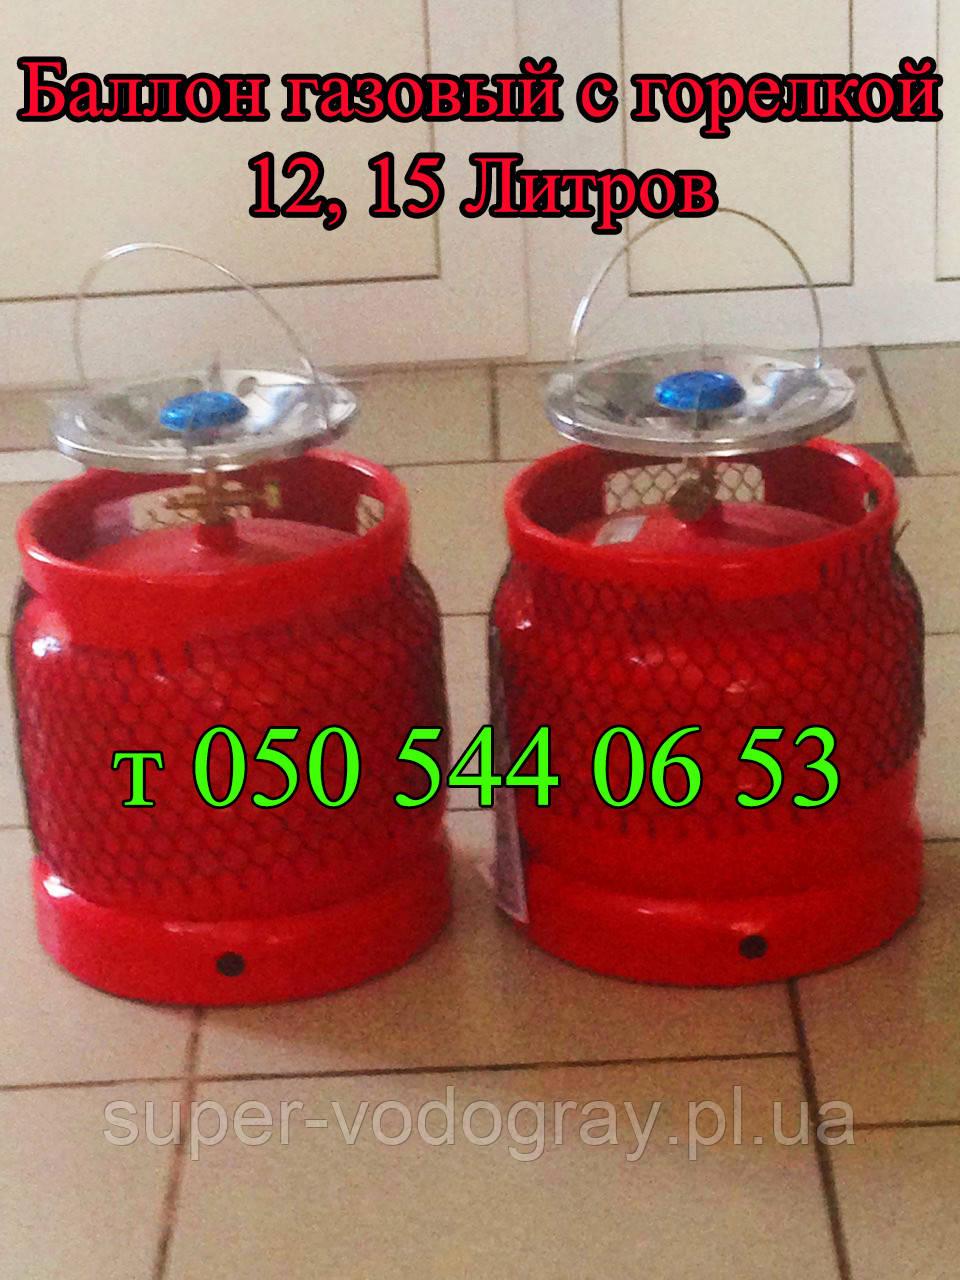 Газовый баллон с горелкой (12, 15 литров)